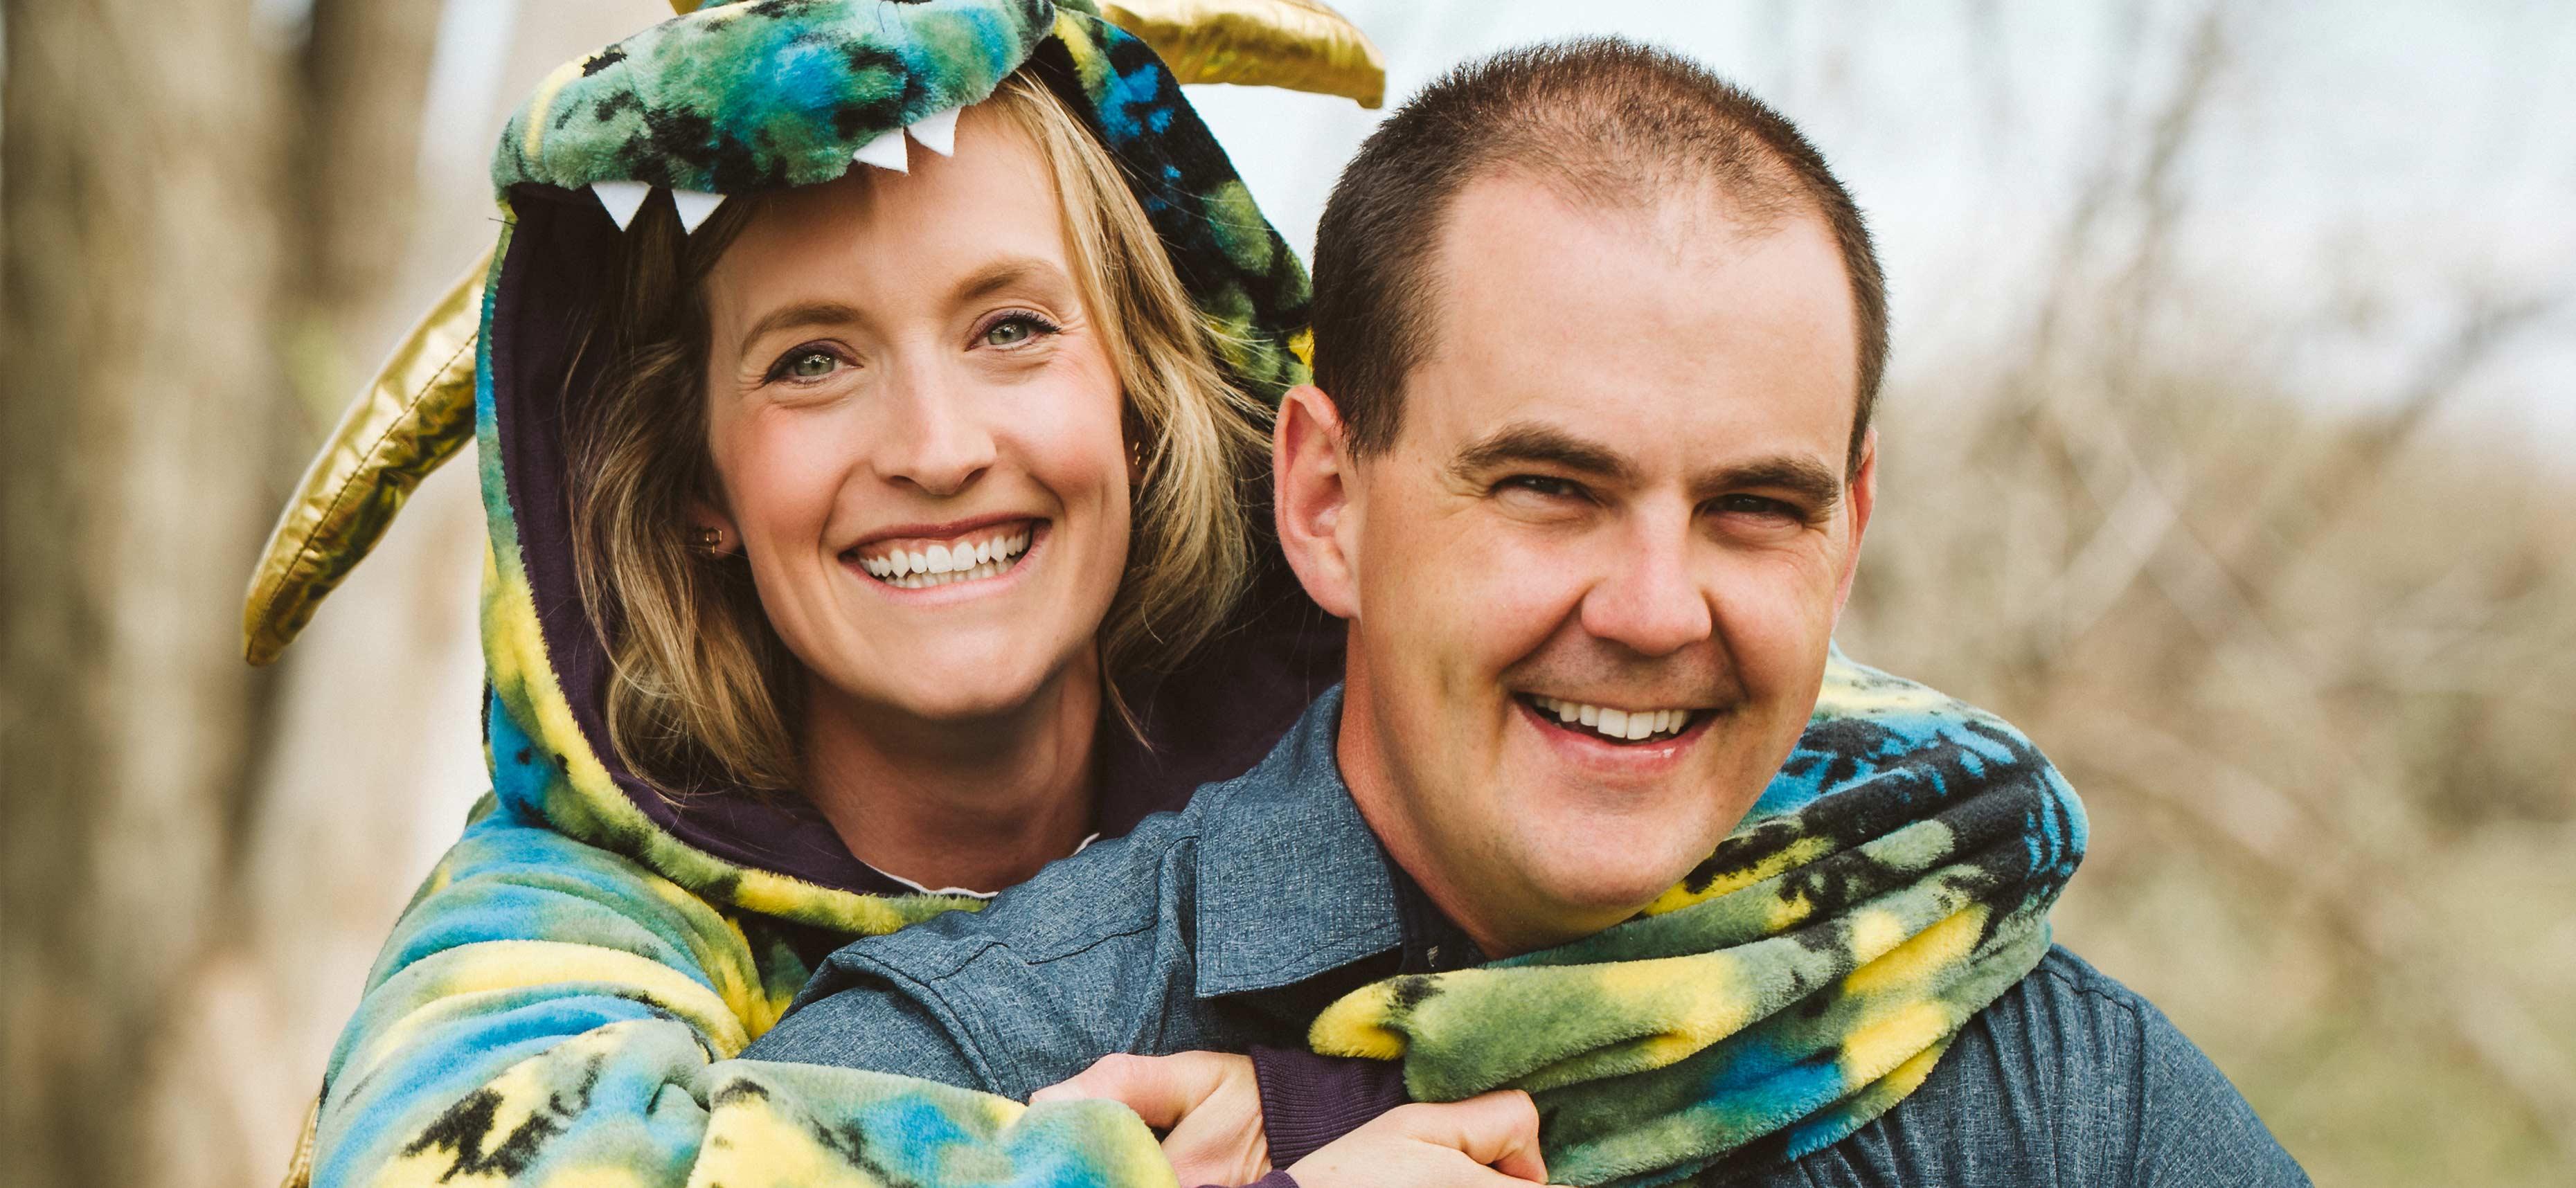 Nick Paquin, travailleur social du district scolaire public de Medicine Hat, et sa femme Ashley